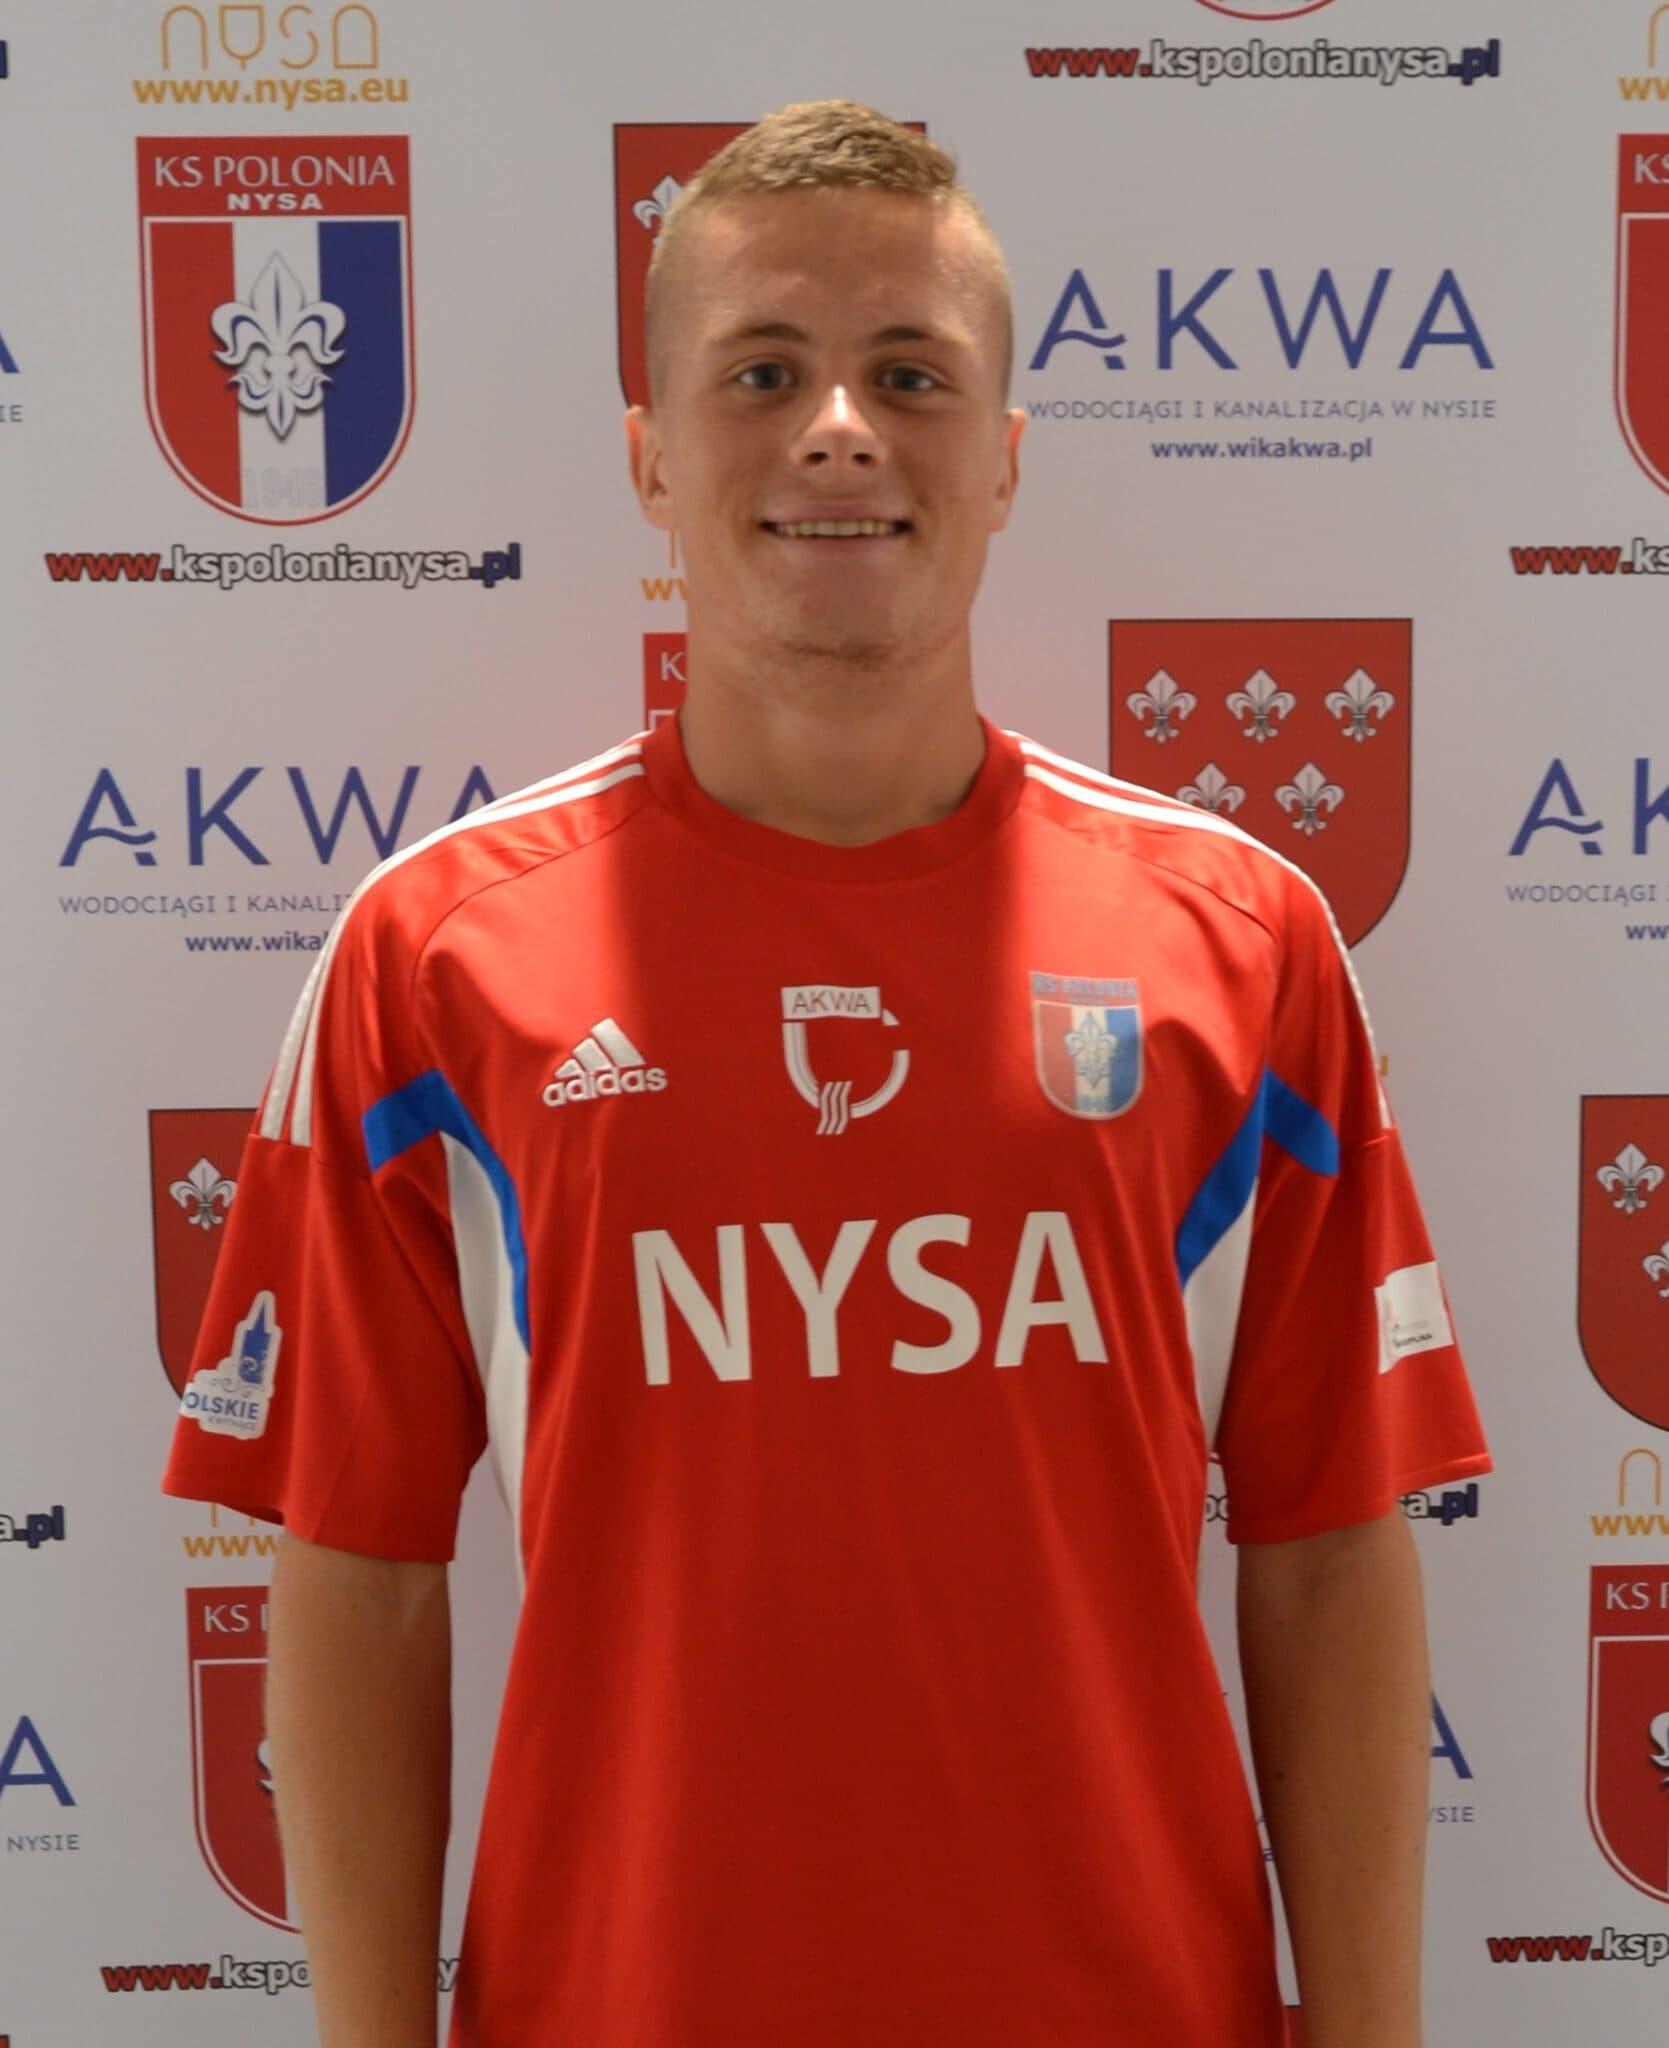 Alan Majerski